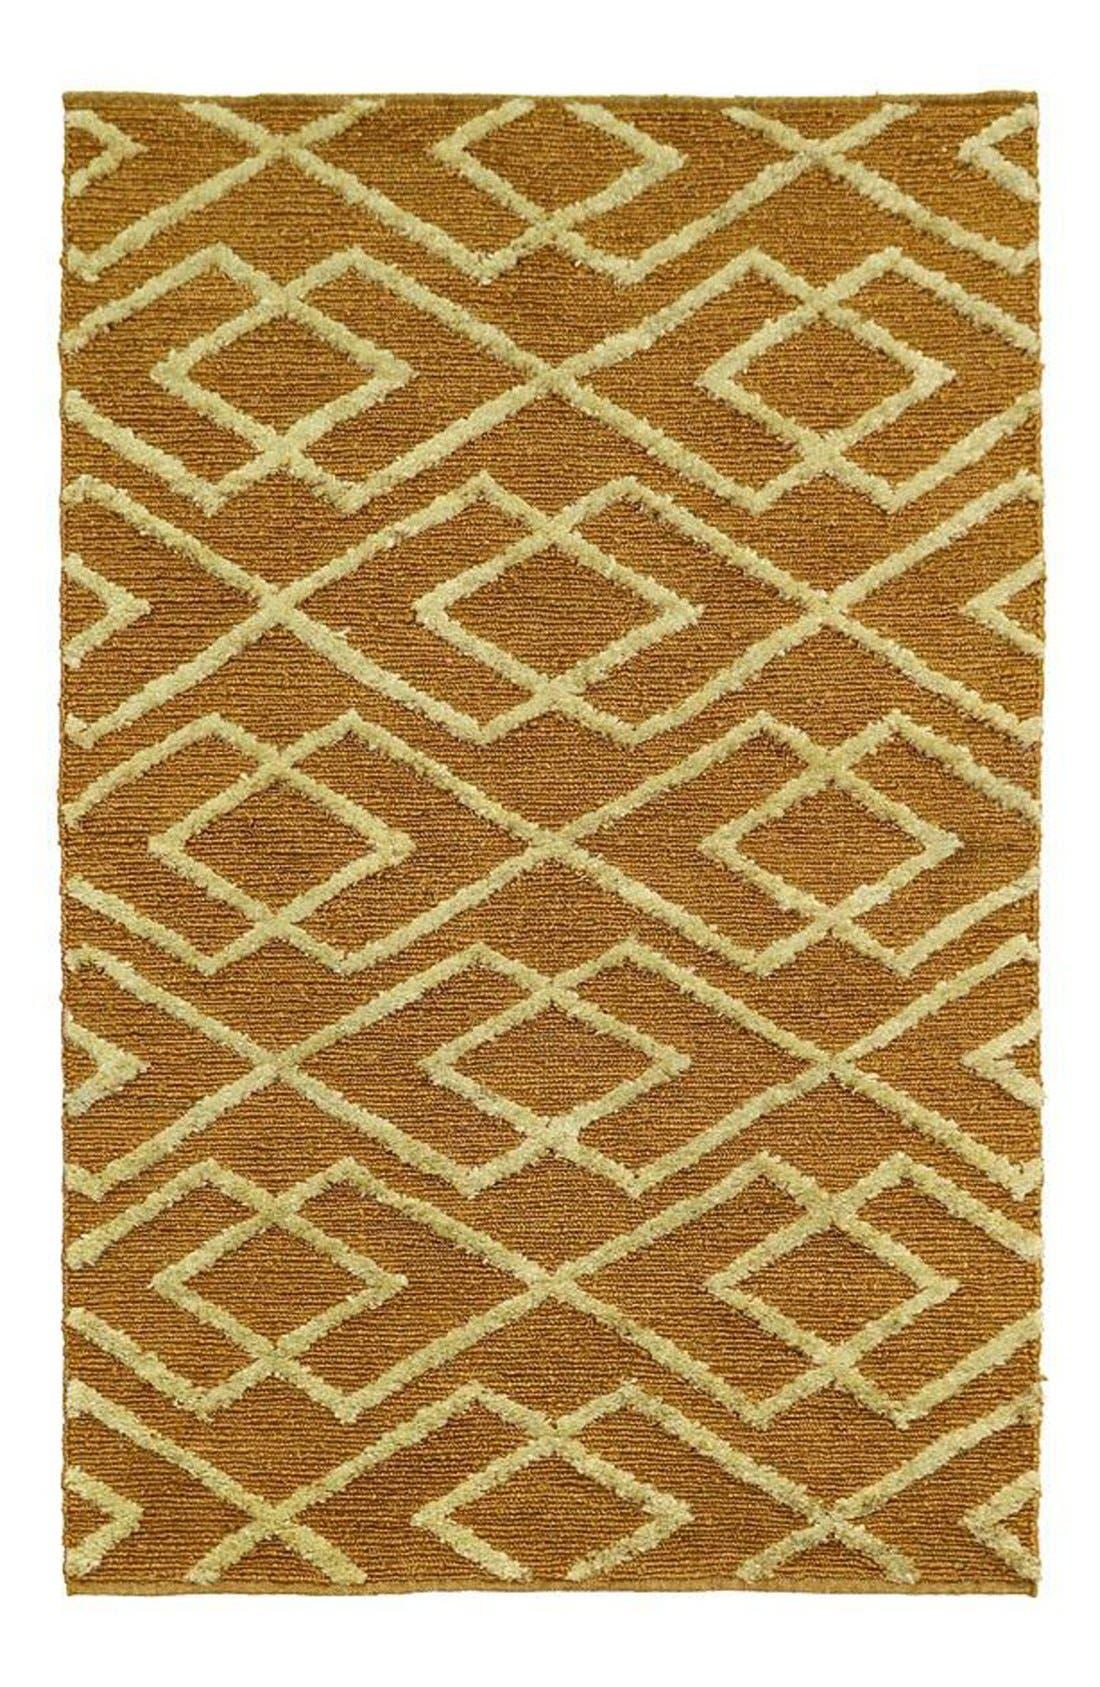 Villa Home Collection Soumak Aura Handwoven Rug